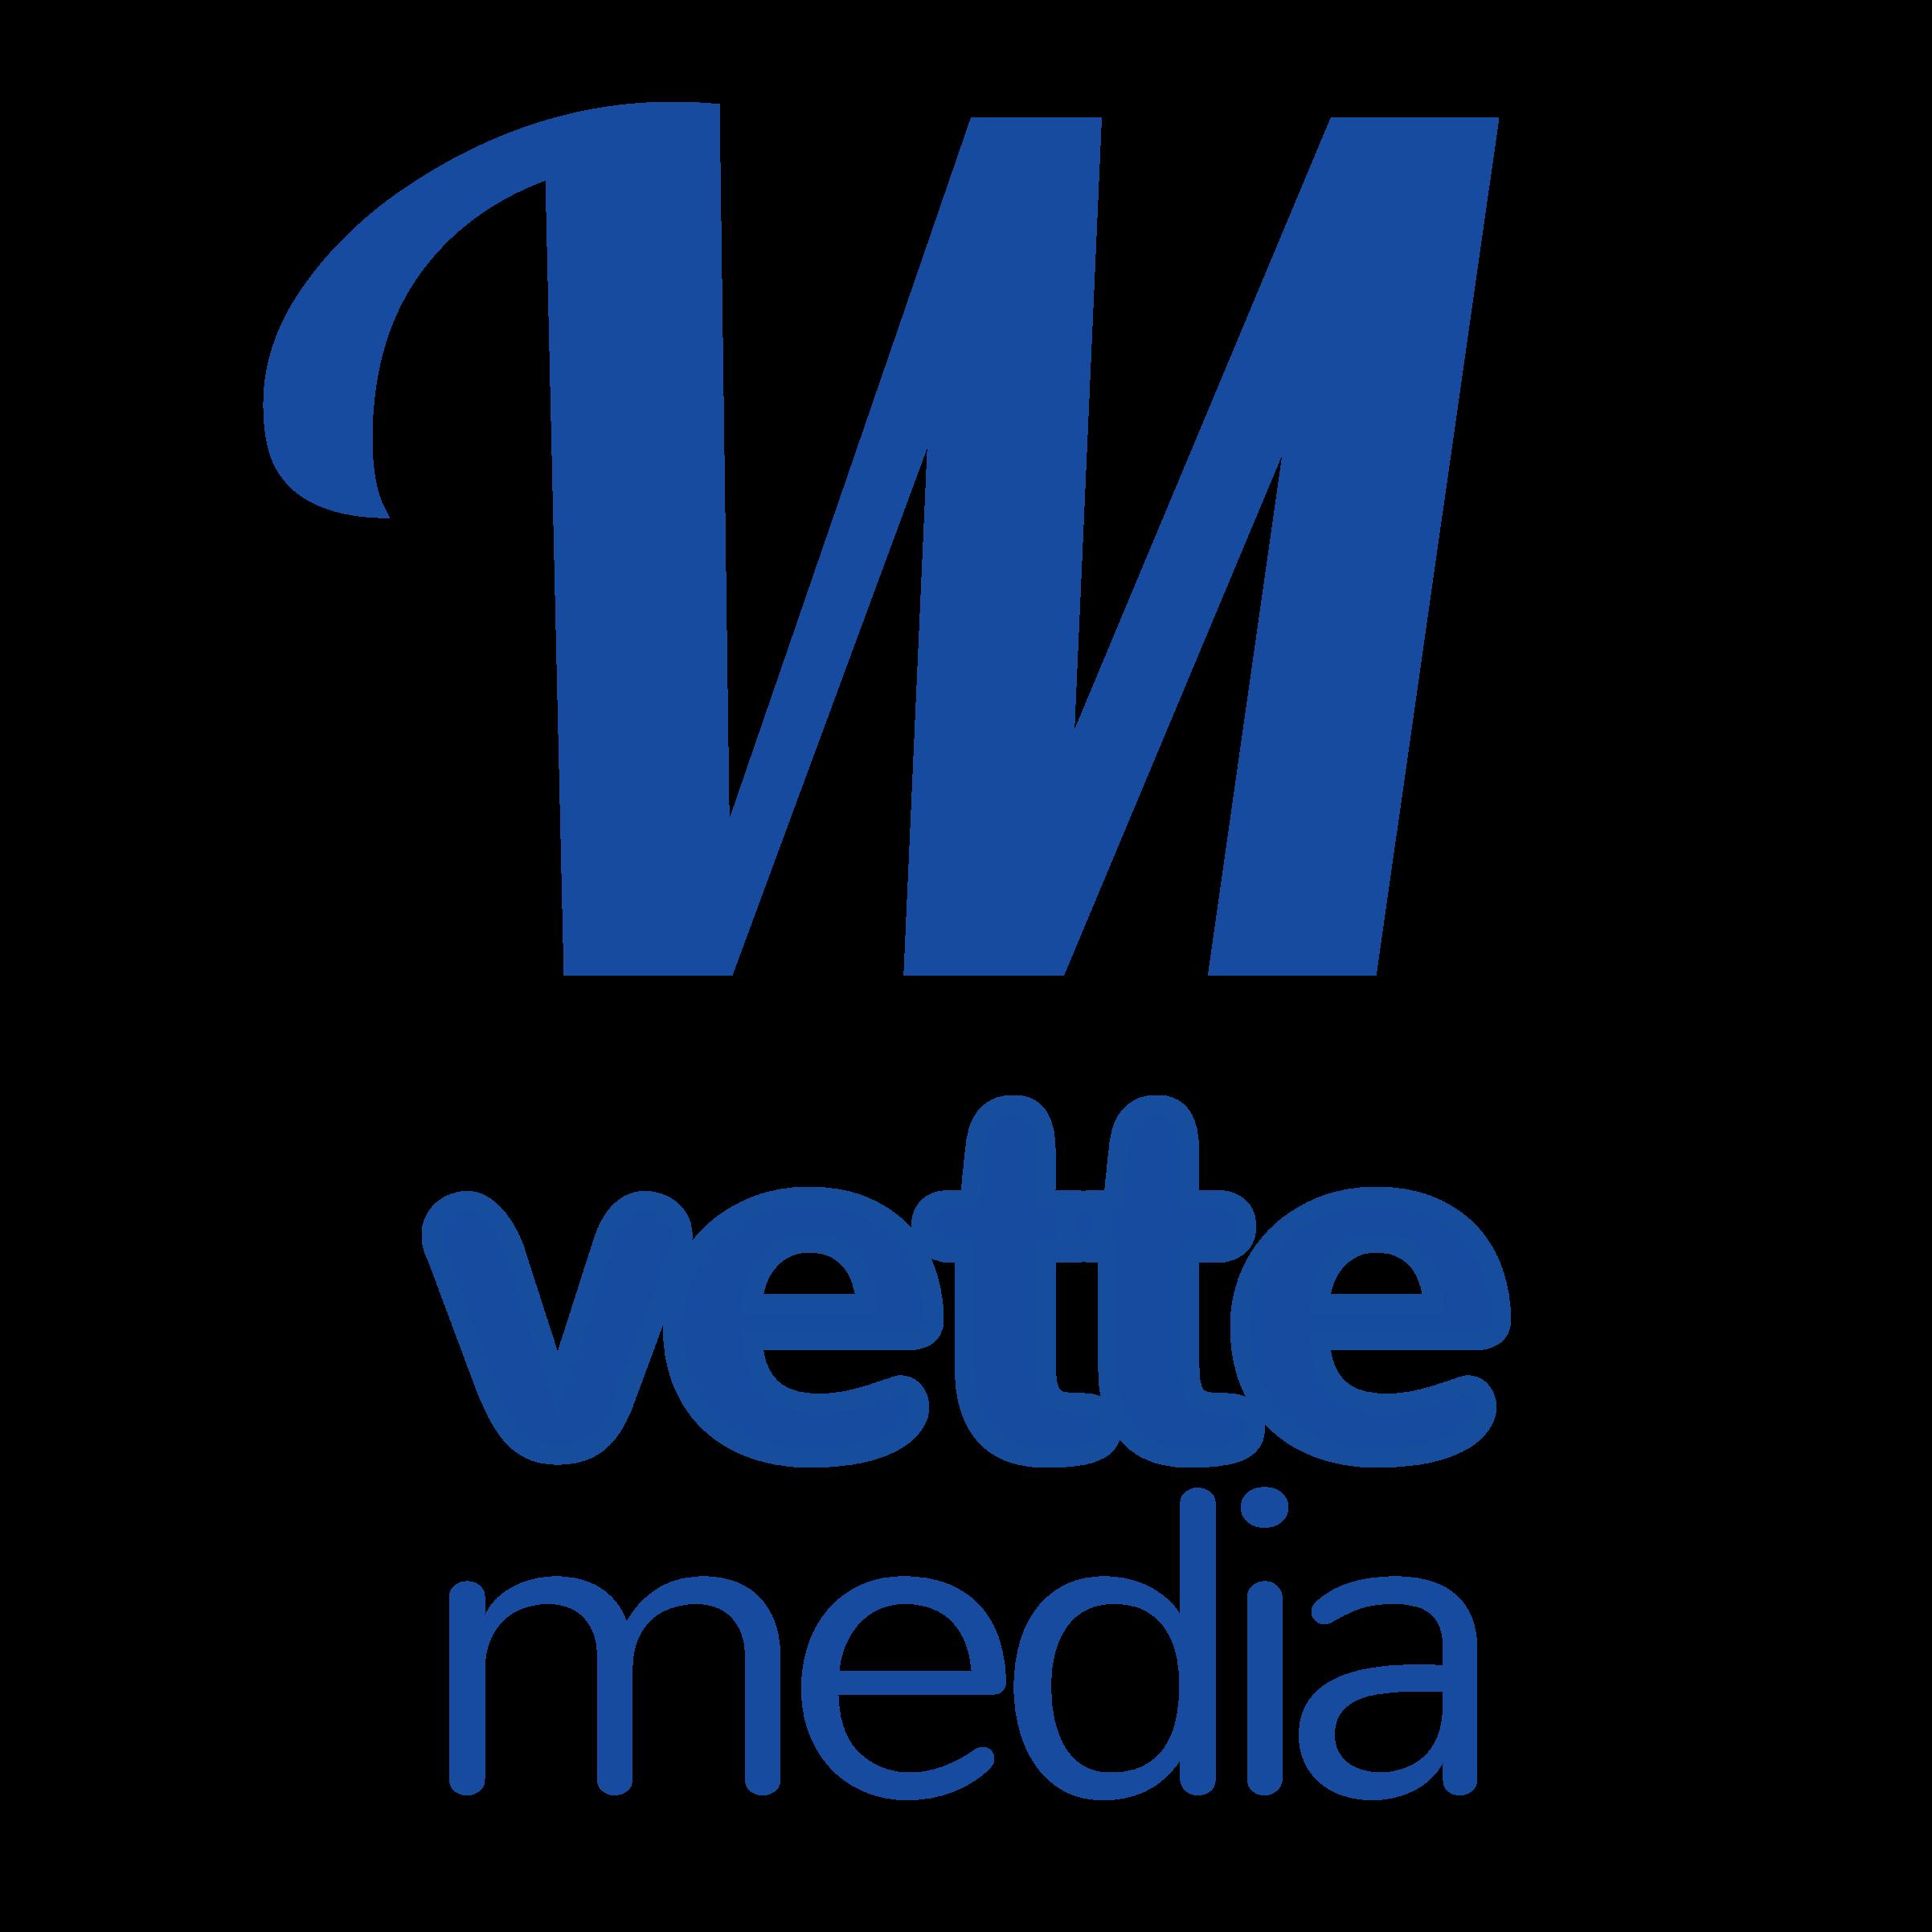 Vette Media